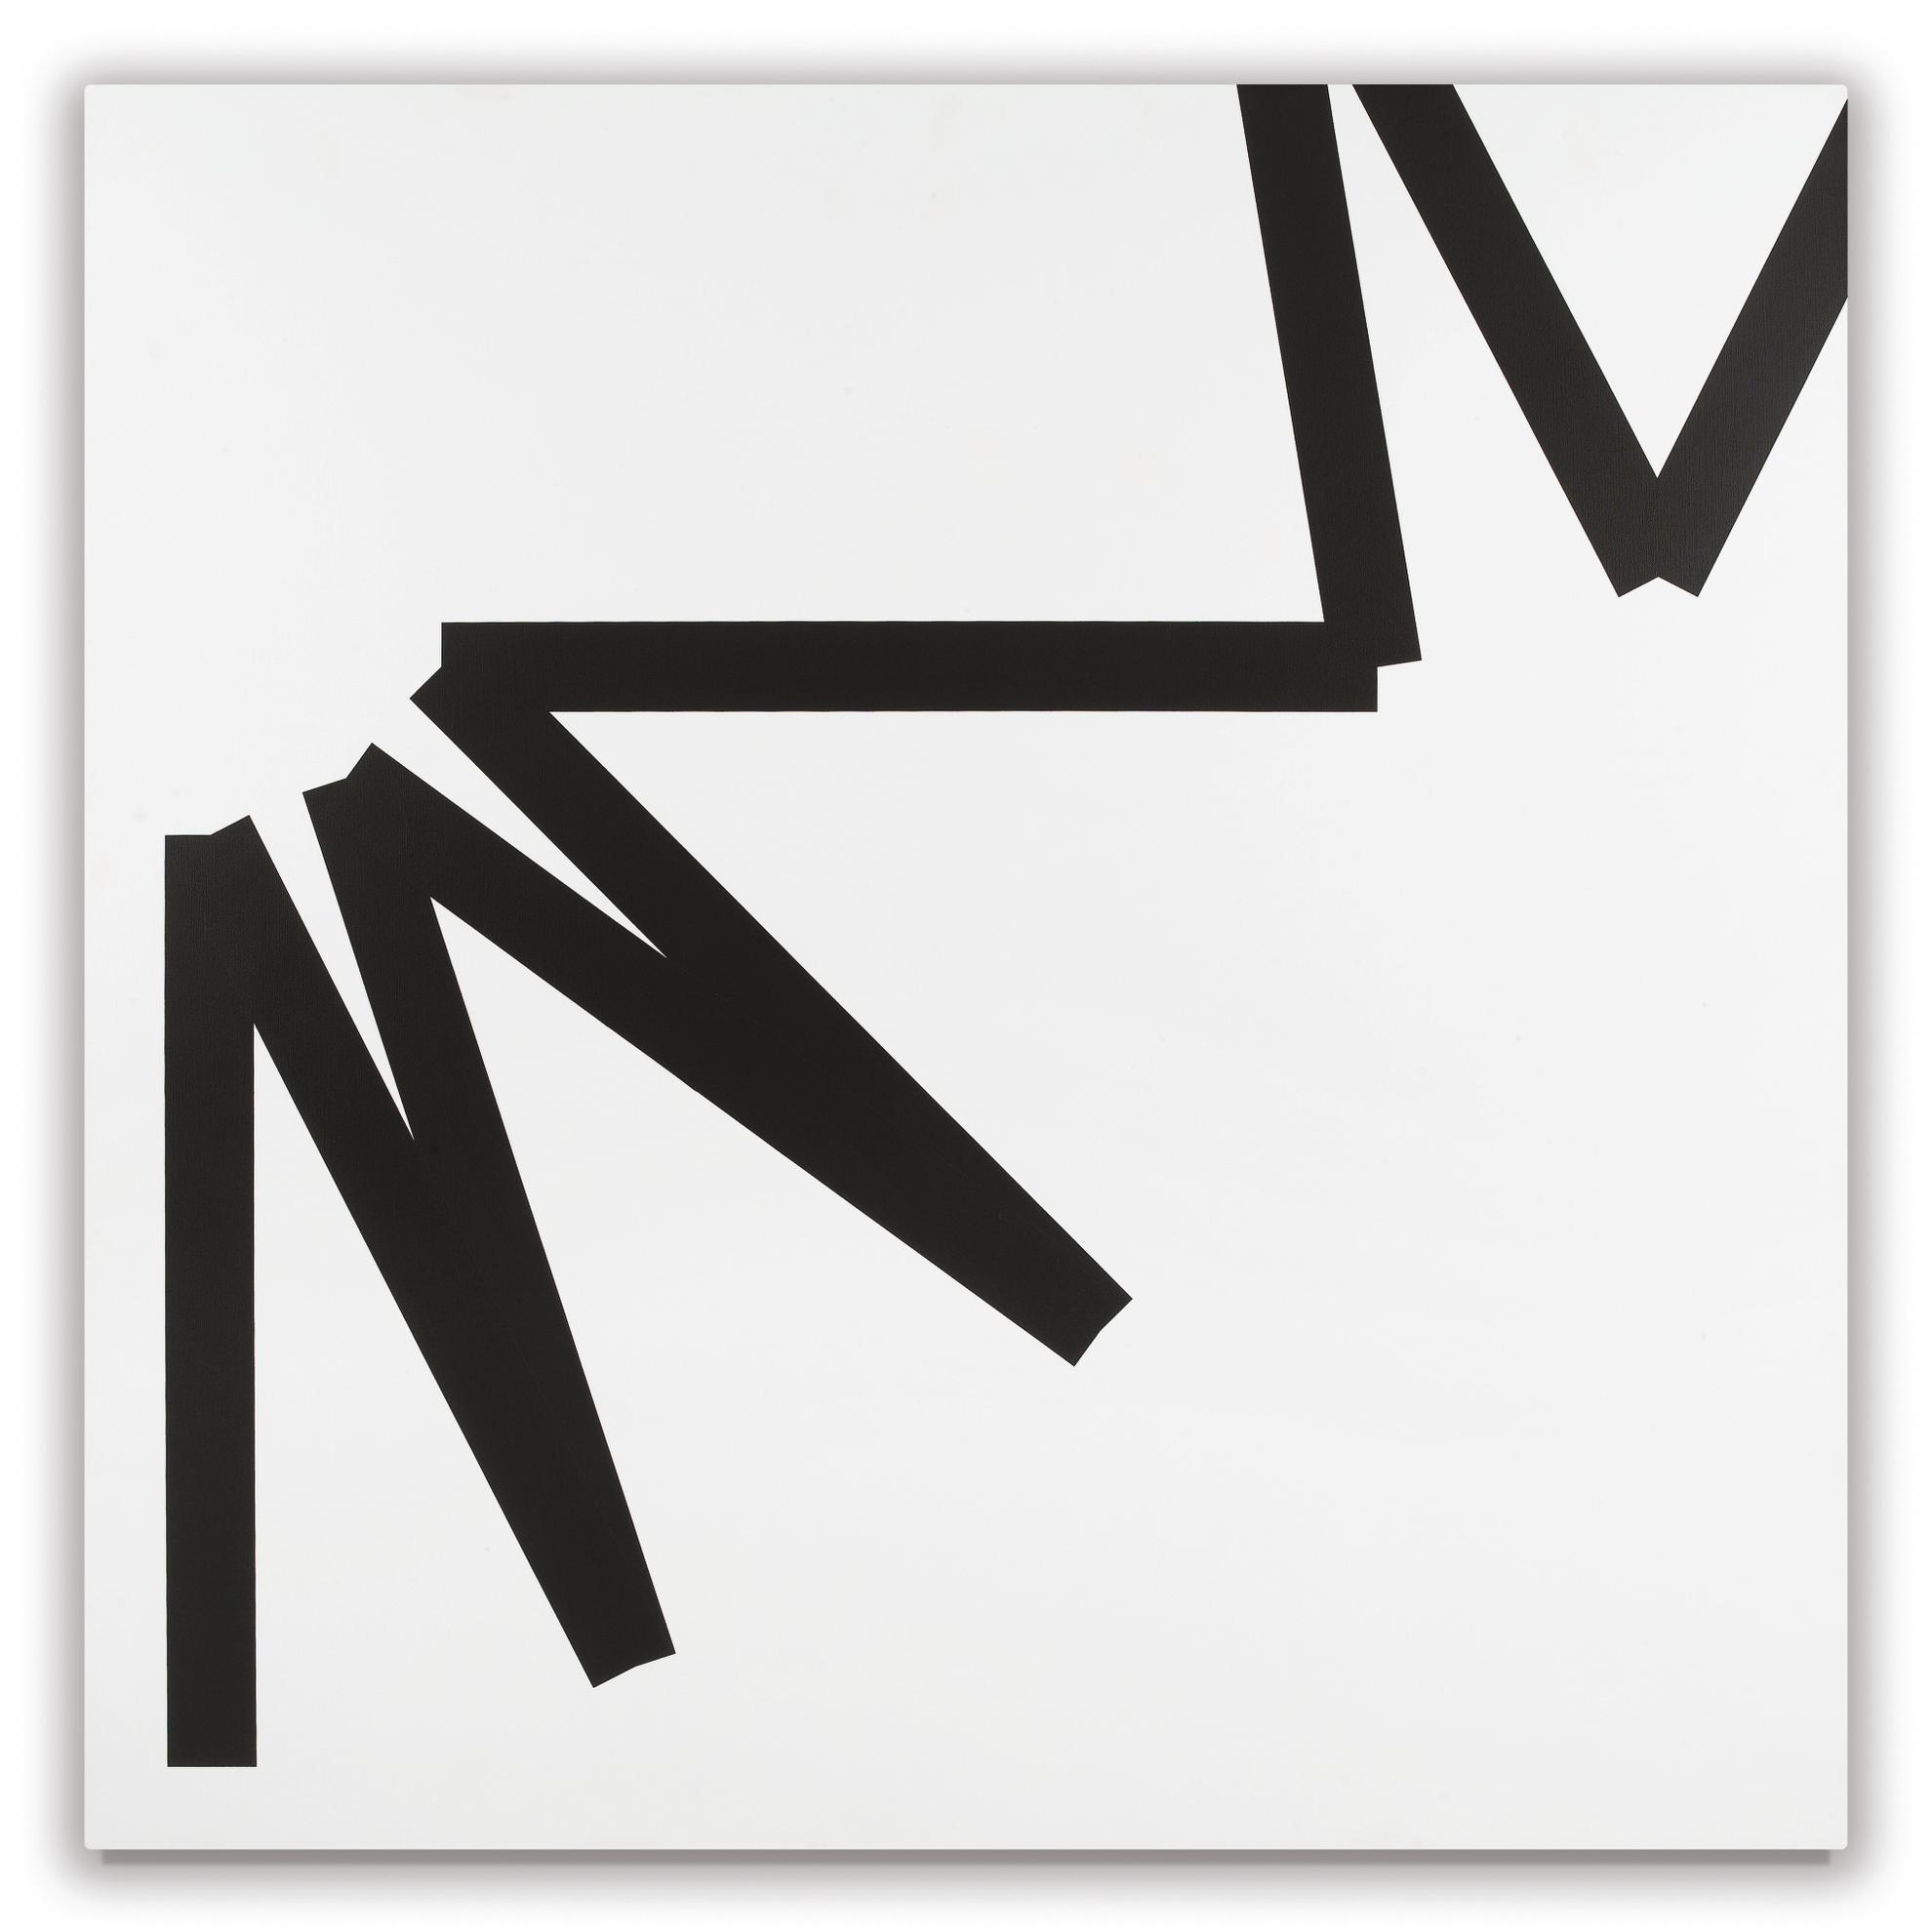 Francois Morellet-Π Puissant N°5, 1=9°-2004